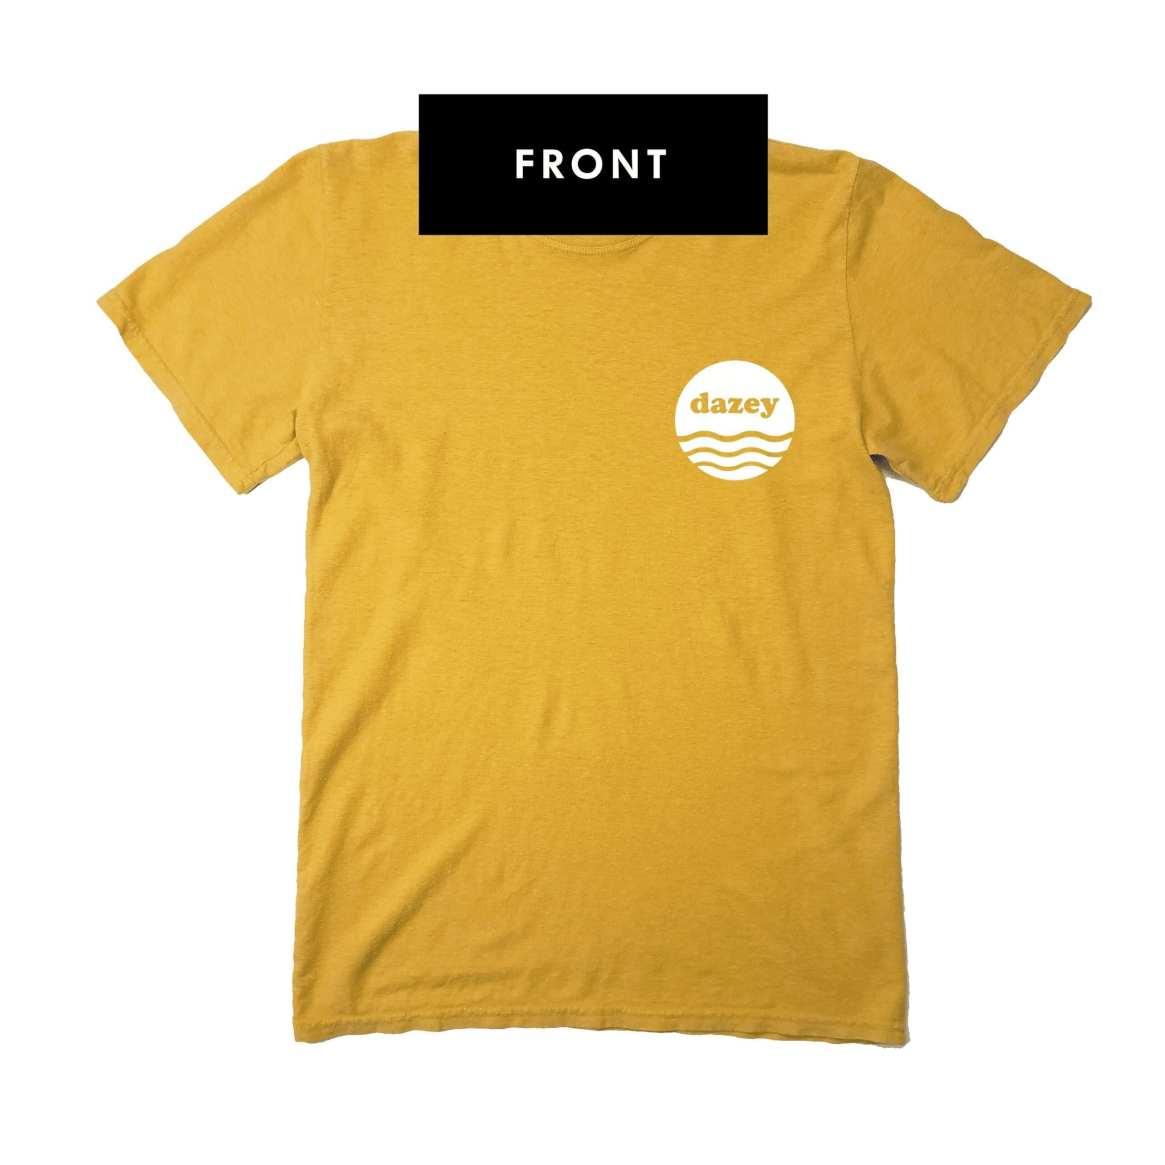 Front of hemp t-shirt